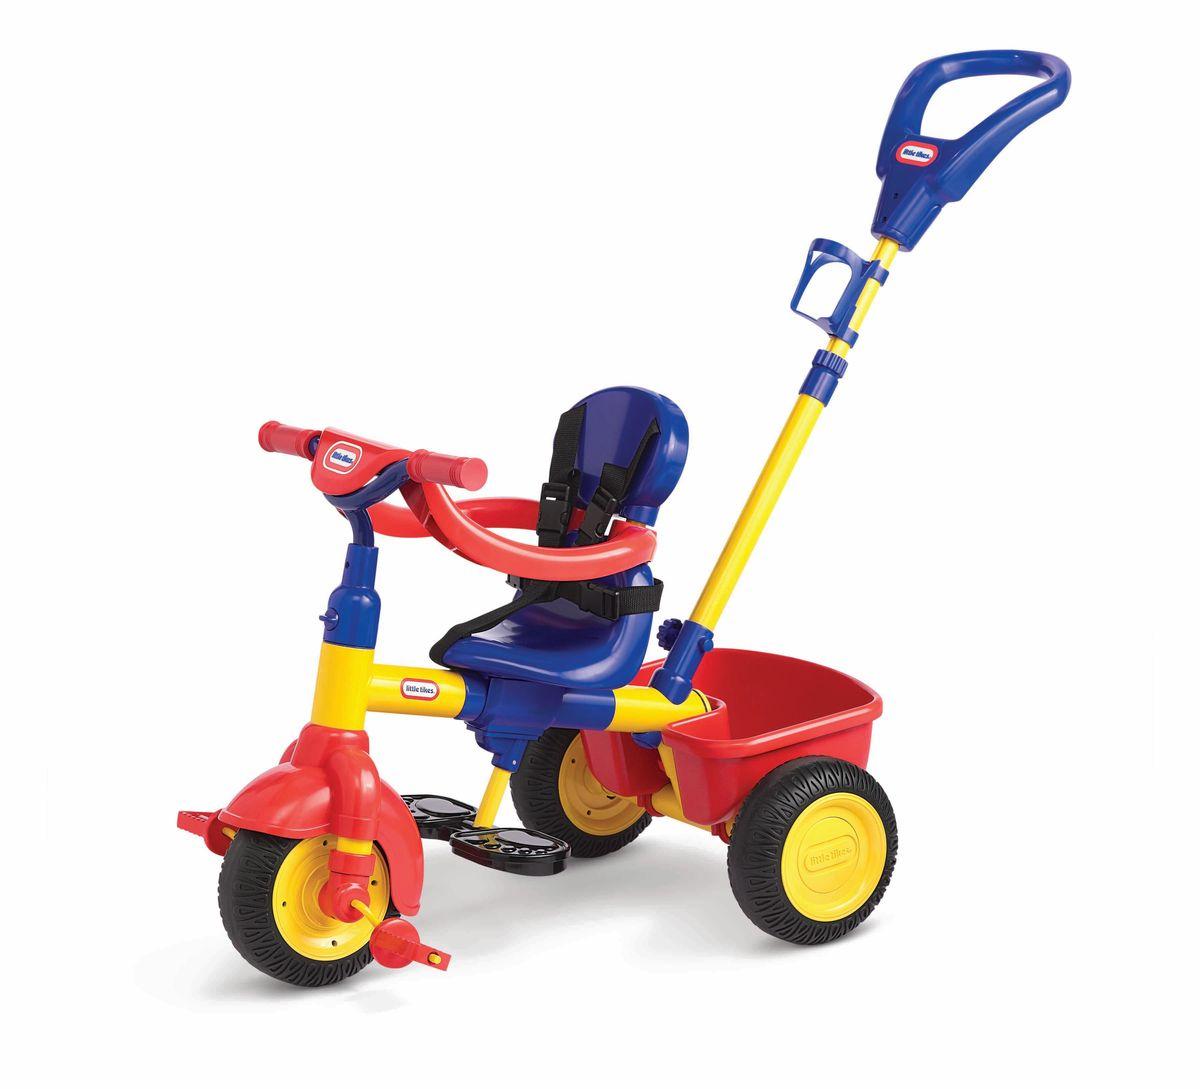 Little Tikes Велосипед детский627354Удобное сиденье, 3 положения, открепляющаяся спинка, ремни безопасности, ограничитель (в дополнение к ремням безопасности, для 1-го этапа), держатель для бутылочки, корзина сзади, тент от солнца. Колёса из прорезиненного пластика. Прекрасный яркий велосипед для малышей от 9 до 36 месяцев. Максимальный вес ребенка – 23 кг.